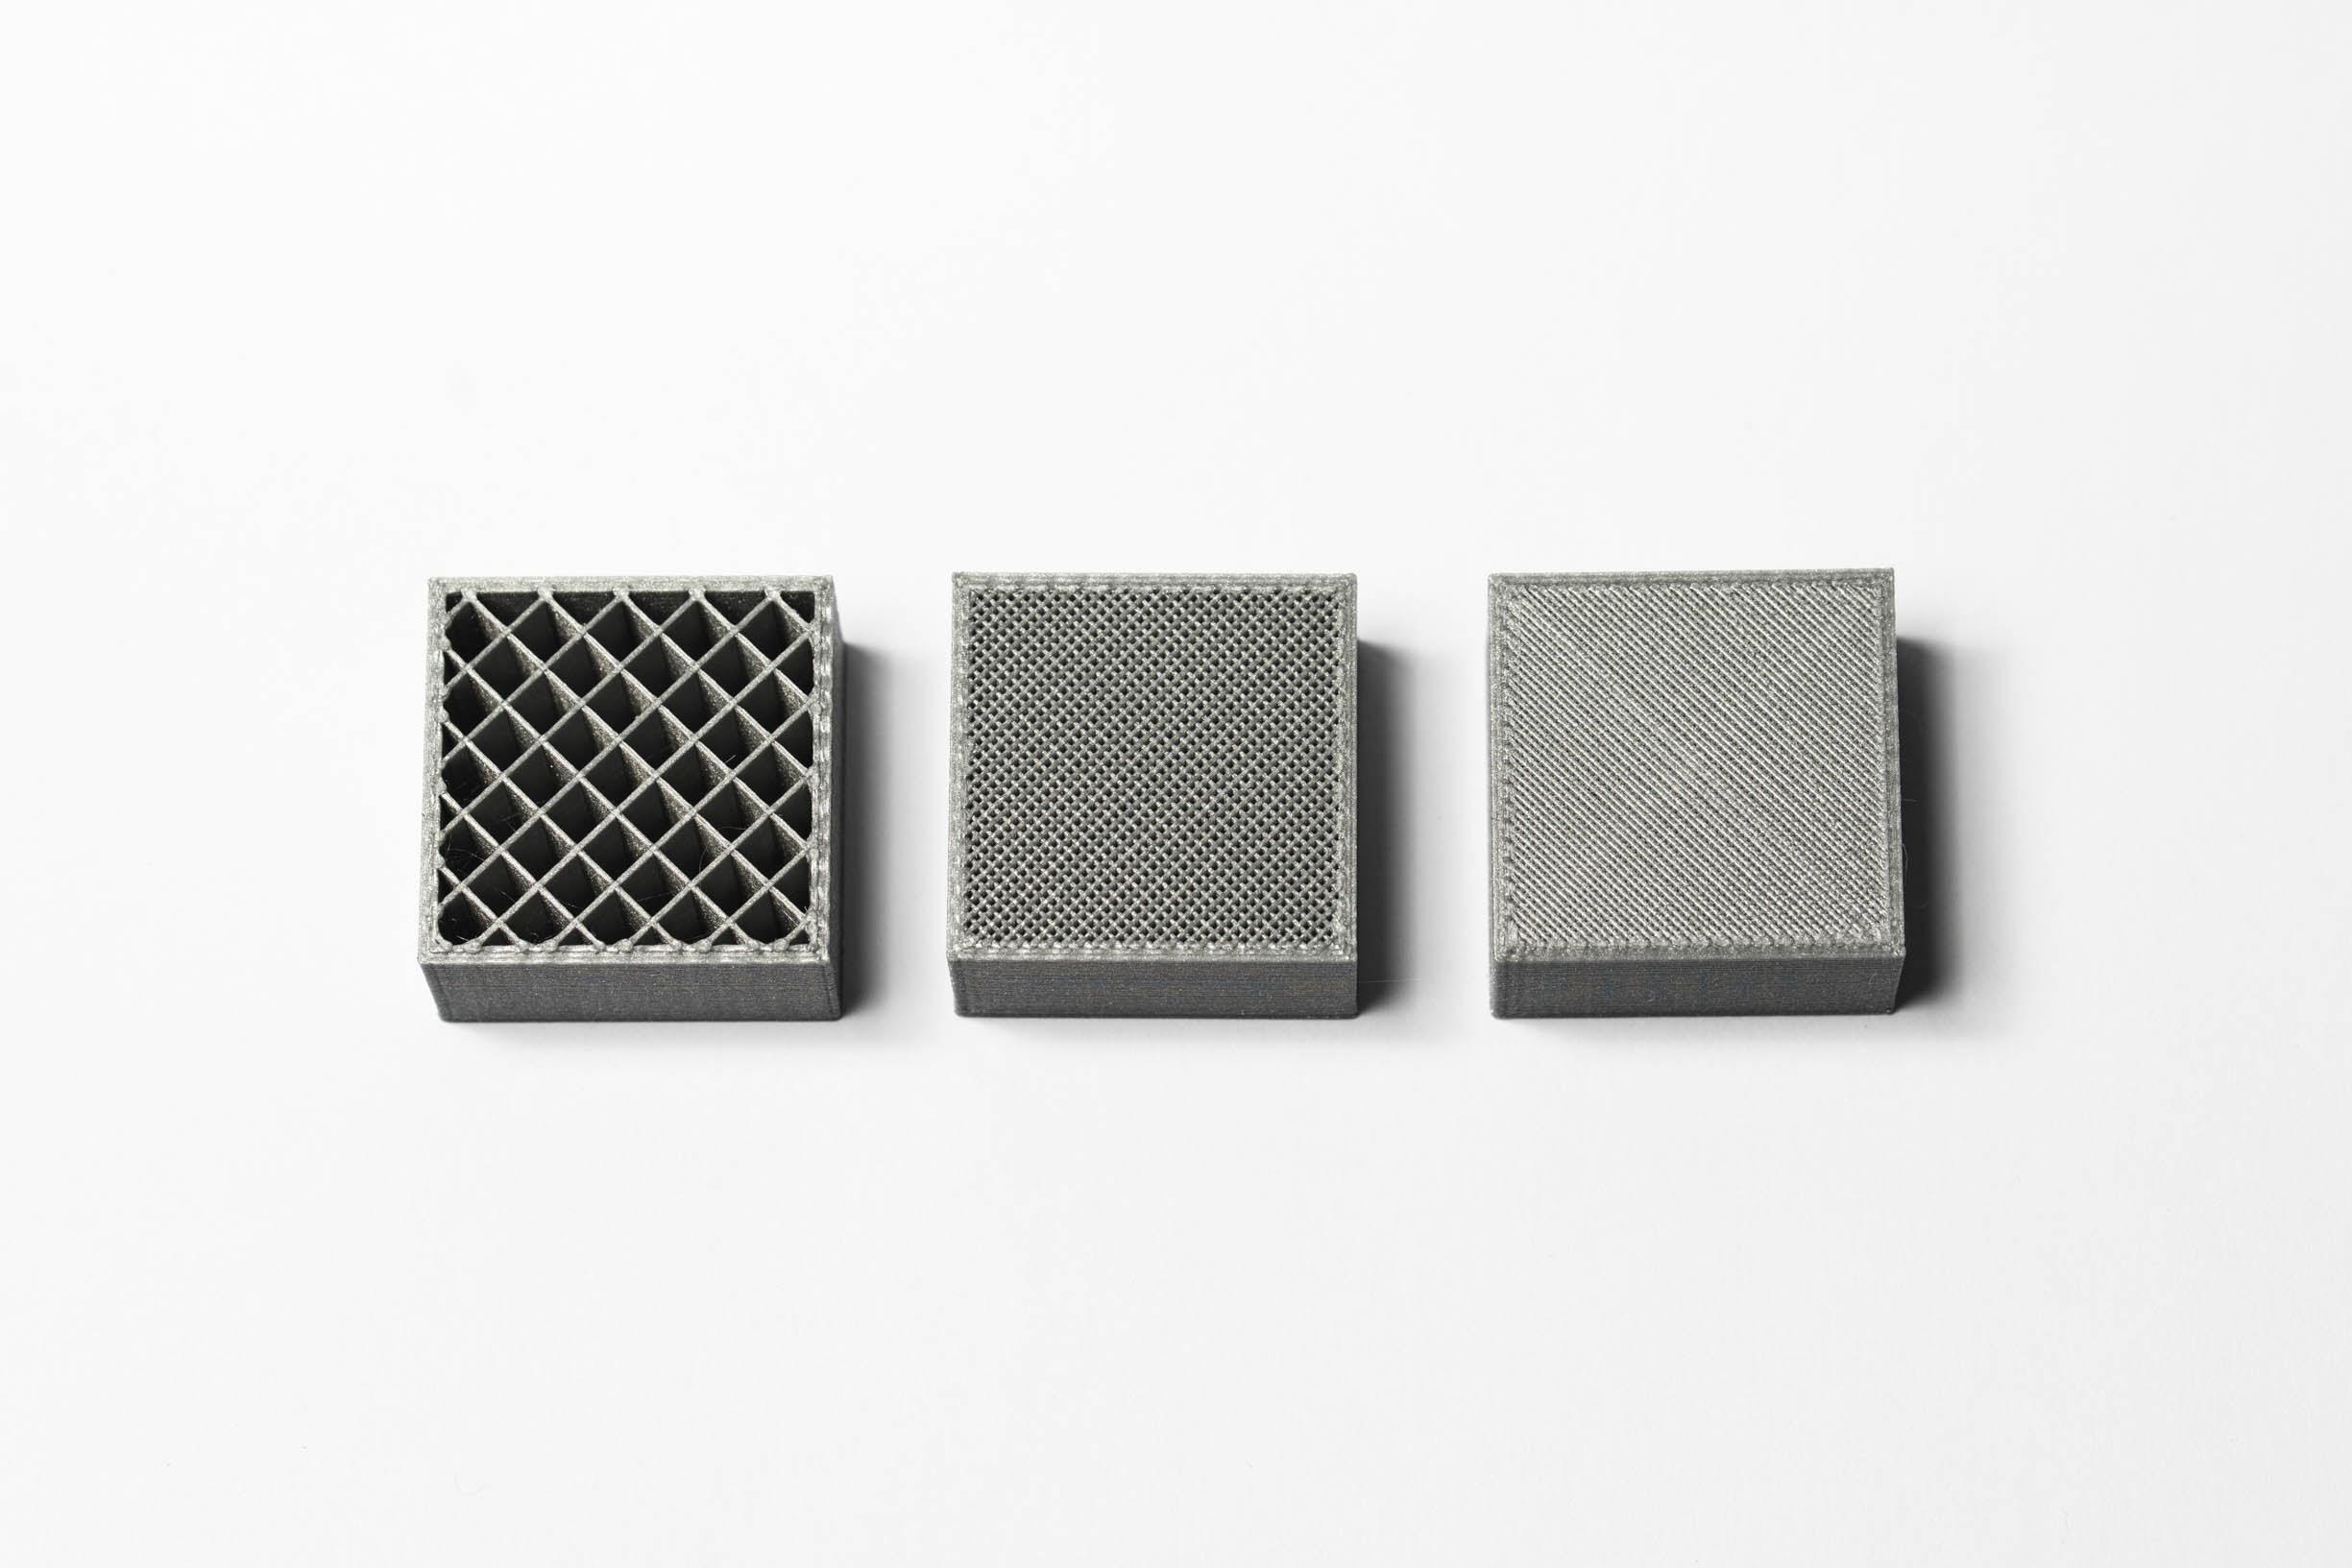 Внутренняя геометрия отпечатков FDM с различной плотностью заполнения(изображение 3dhubs.com)